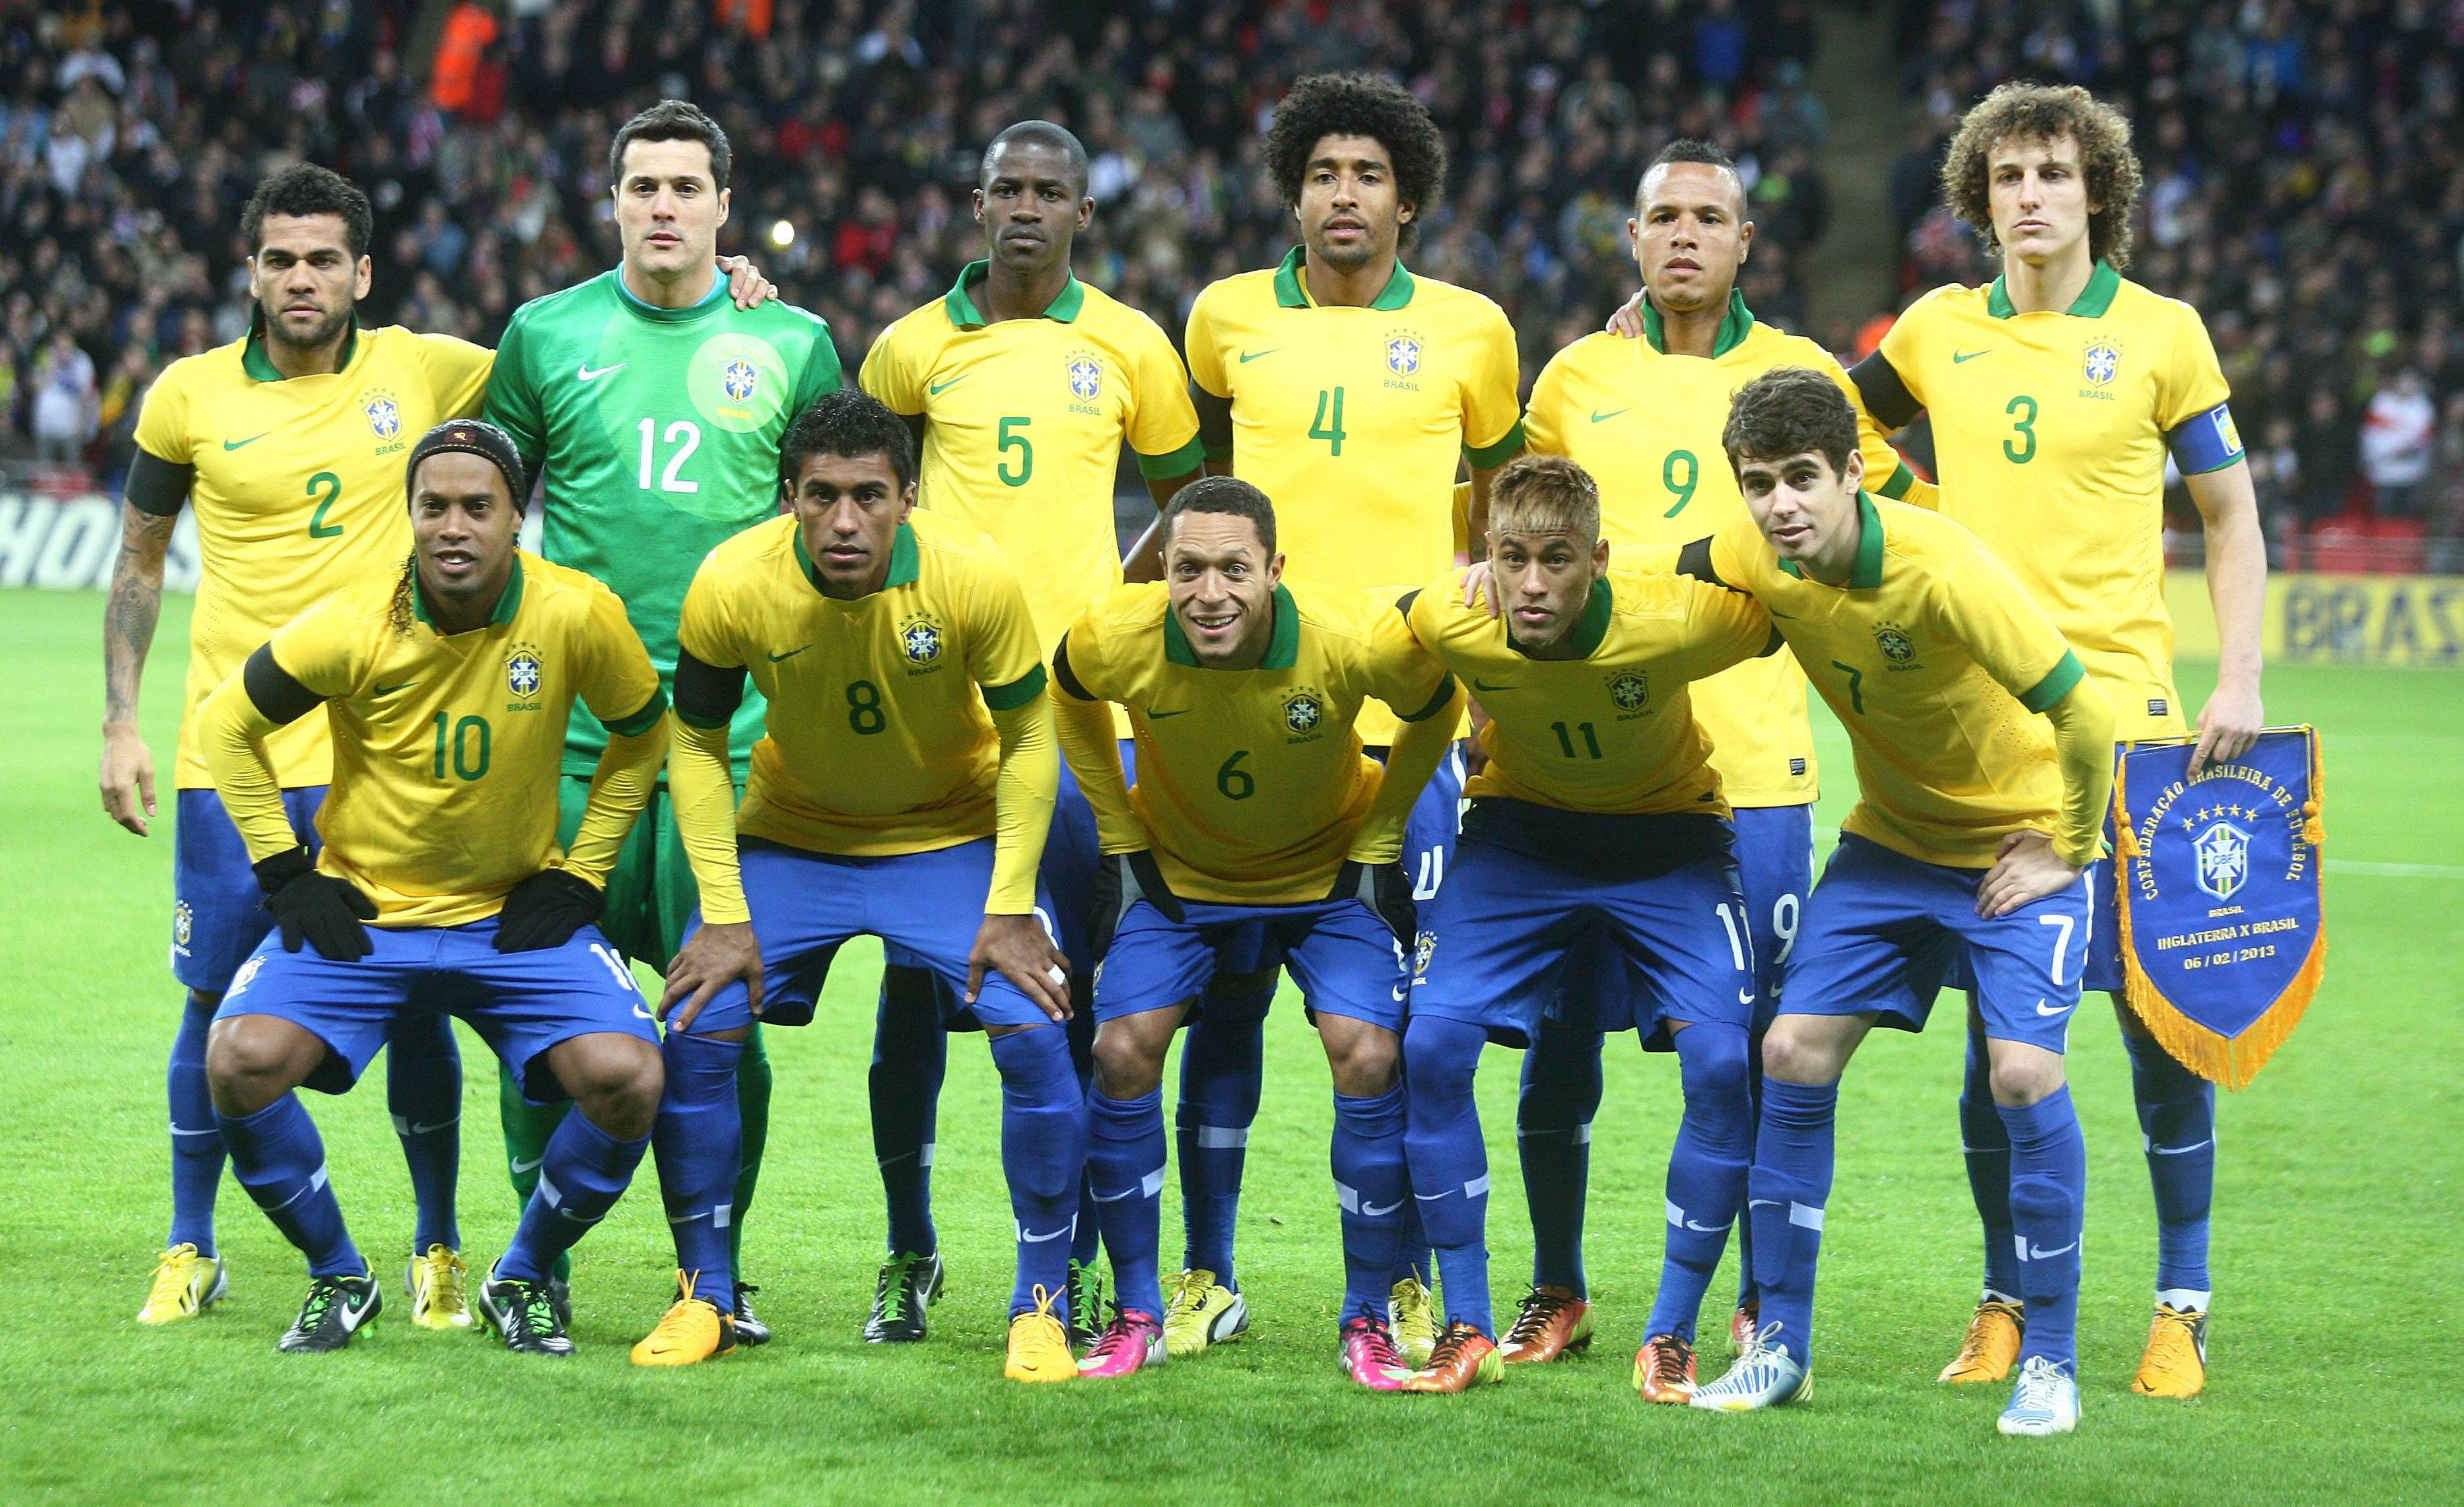 Brazil National Football Team Wallpaper 3660x2238 Px Free Download Team Wallpaper National Football Teams Brazil Football Team